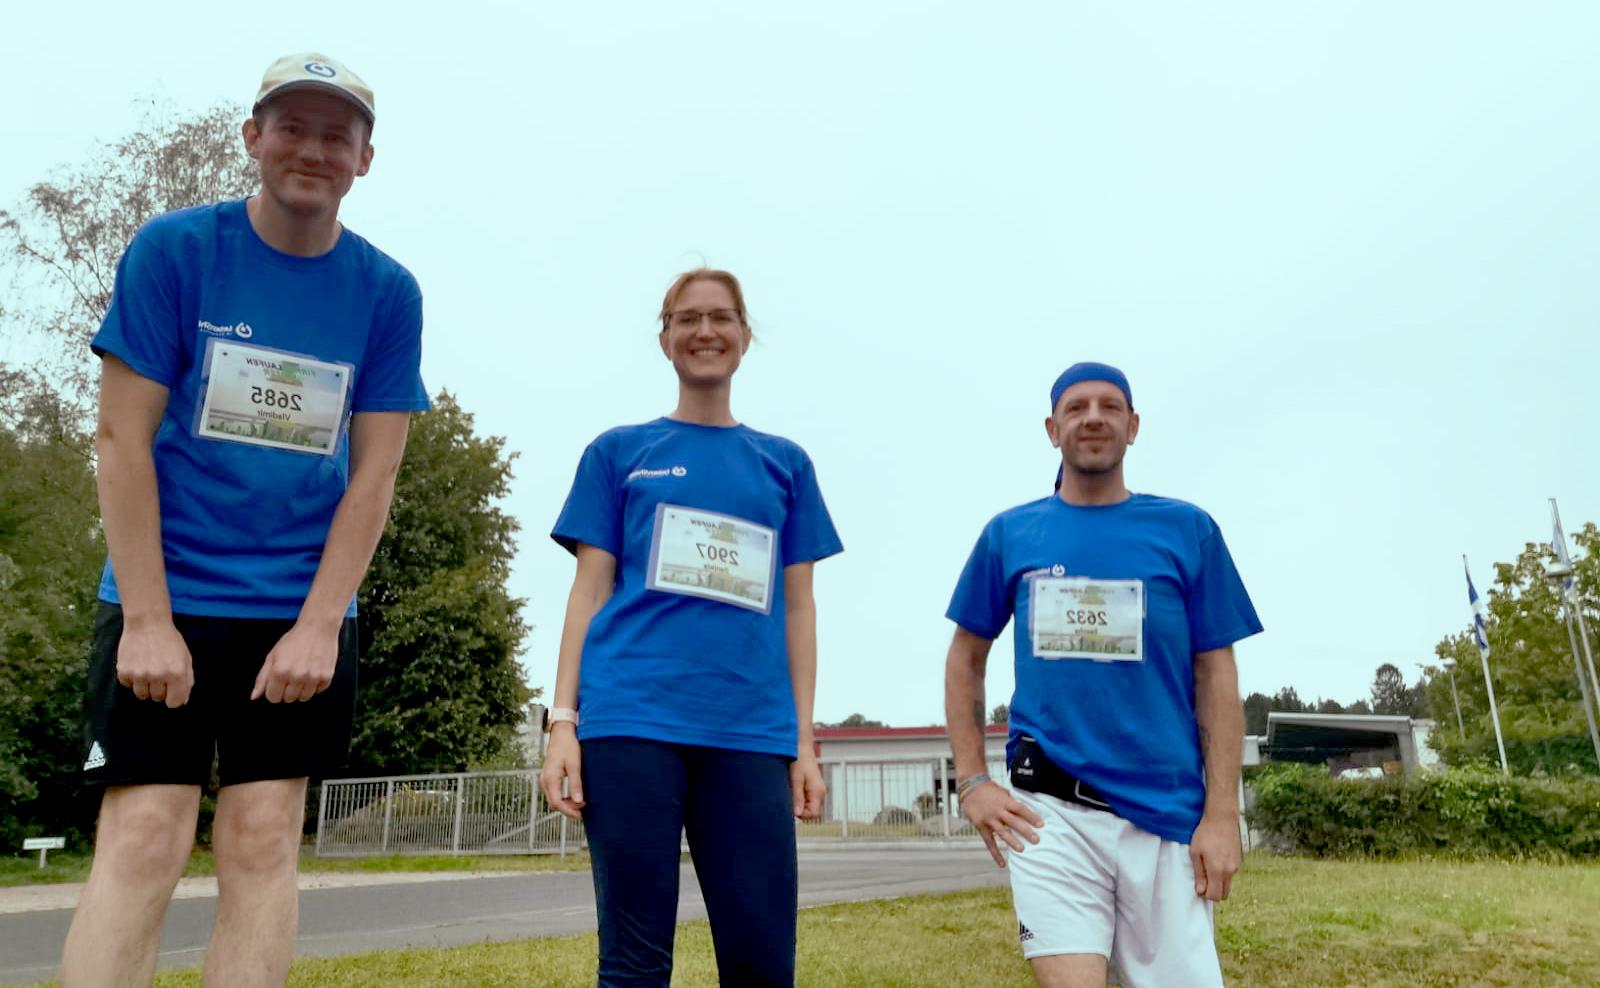 Platz 11 unter 540 teilnehmenden Unternehmen - deutschlandweit! Wohnheim-Team stellte sich der Herausforderung von Lauf-weiter.de